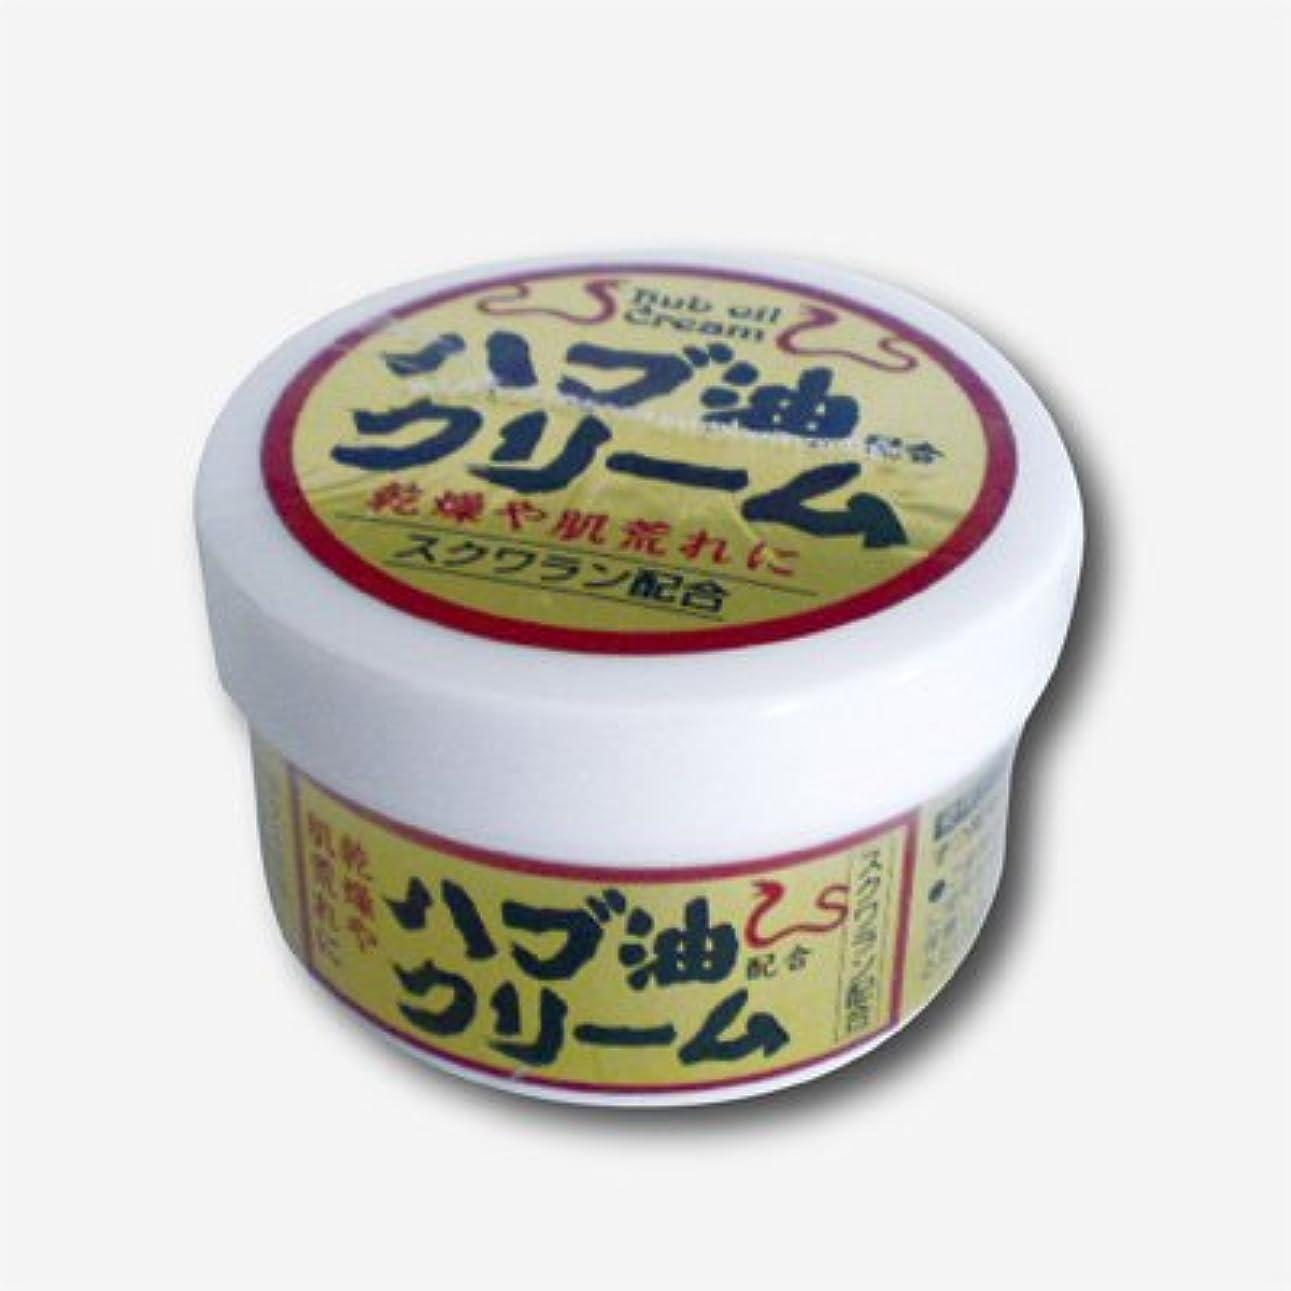 ケイ素ワークショップ分子ハブ油配合クリーム 10個【1個?50g】